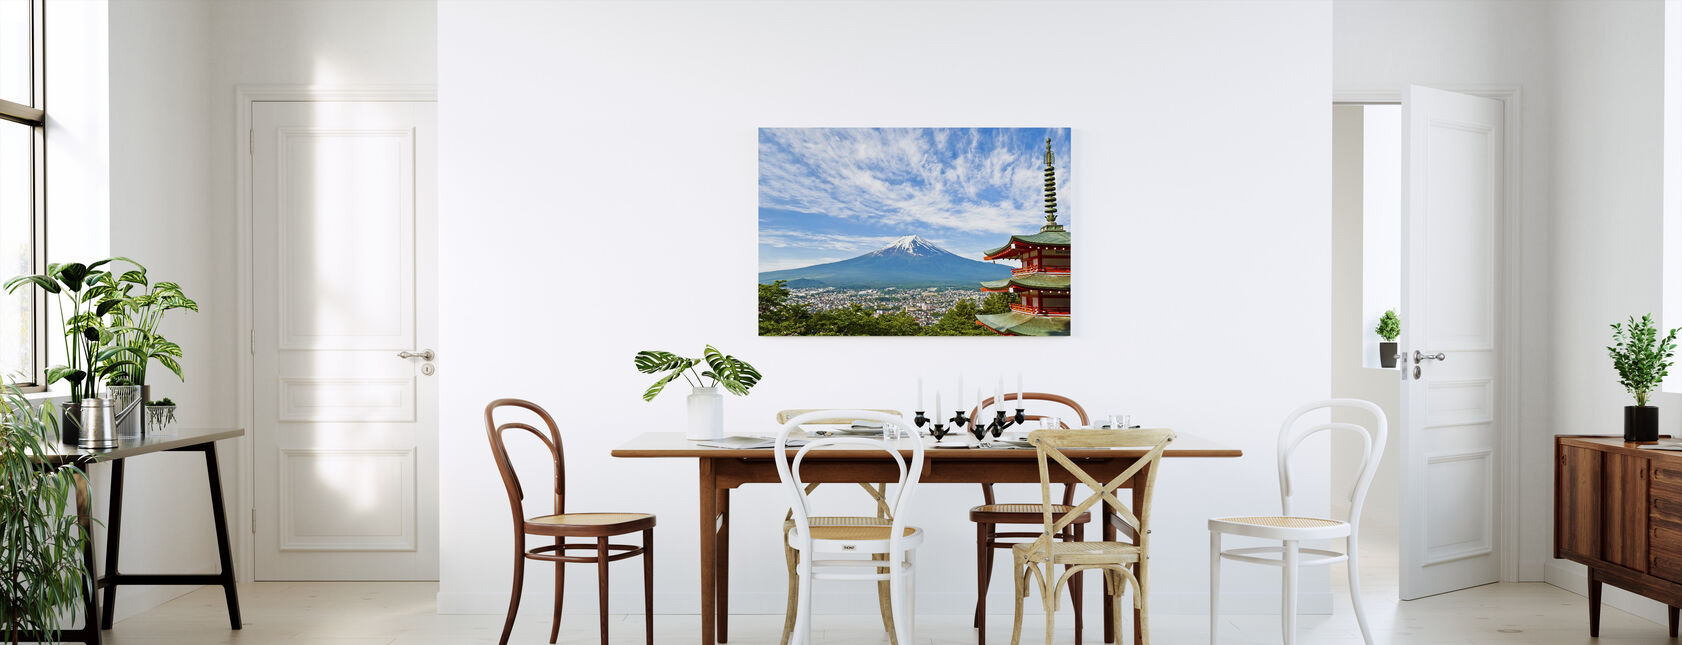 Ved foten av Mount Fuji - Lerretsbilde - Kjøkken